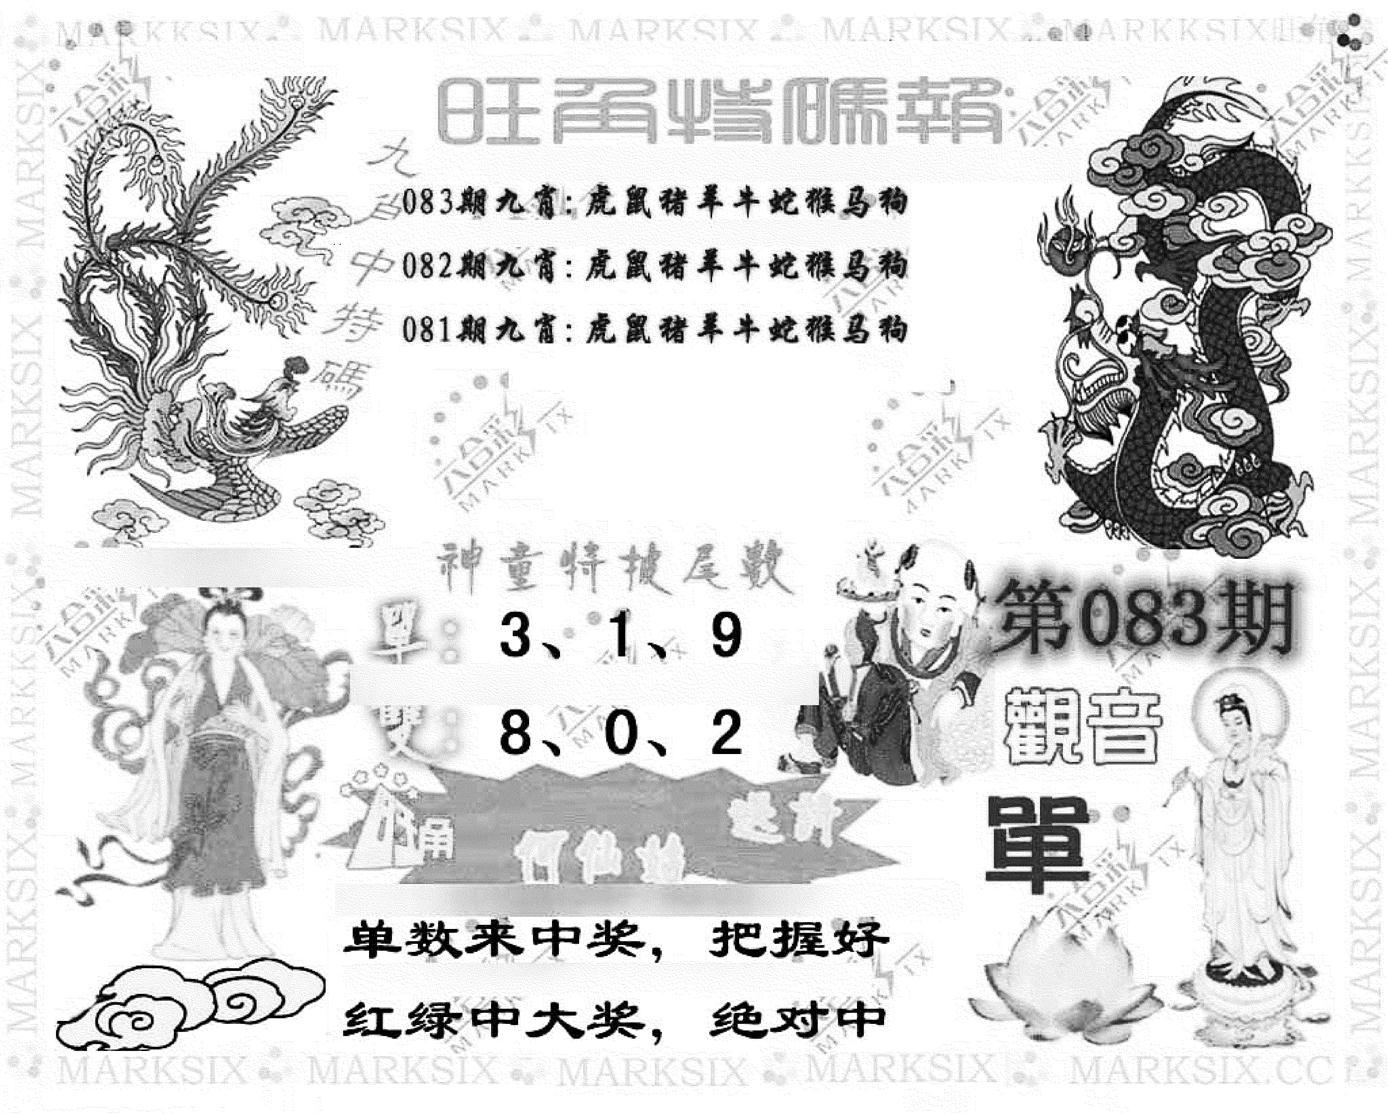 083期旺角特码报(彩)(黑白)